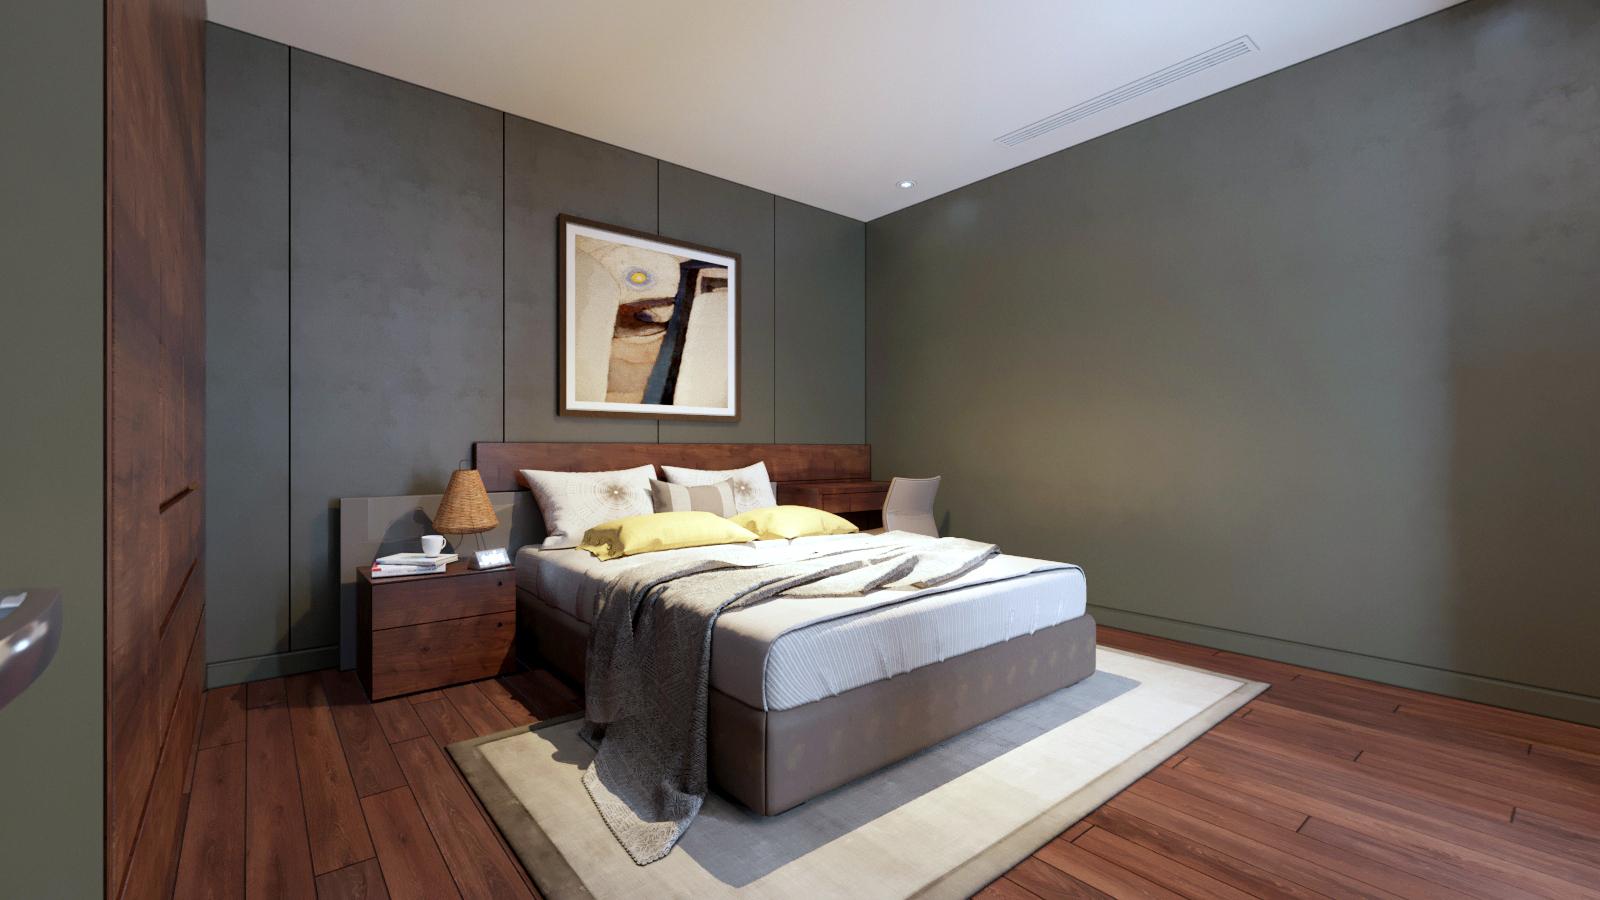 thiết kế Nội thất Biệt Thự 3 tầng biệt thự bt25 splendora mới (lakeside splendora)3110